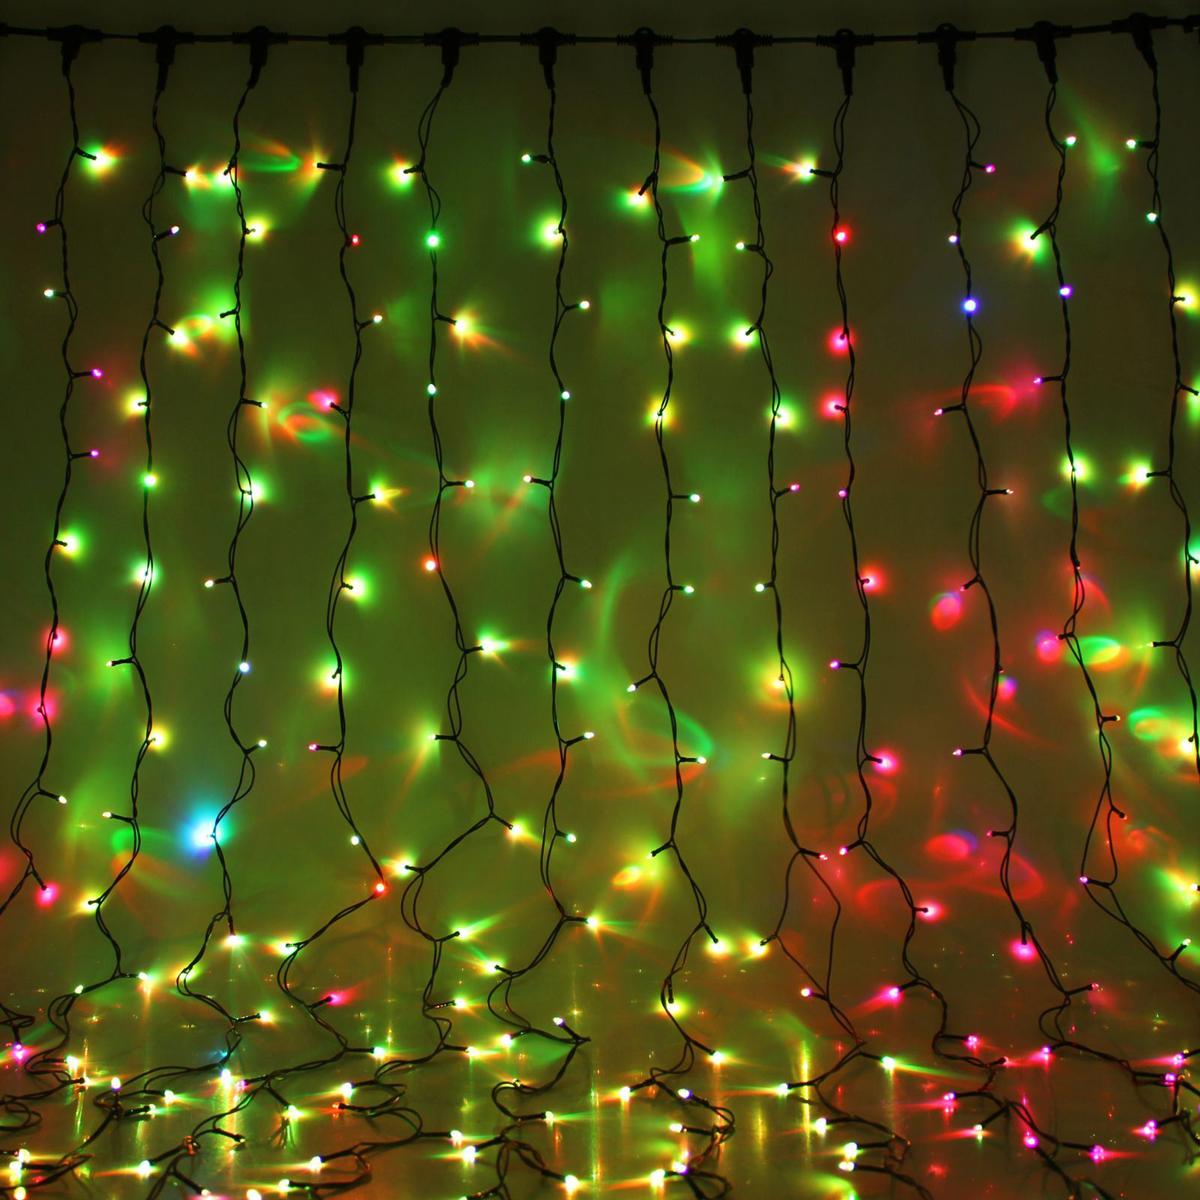 Гирлянда светодиодная Luazon Занавес, цвет: мультиколор, уличная, 760 ламп, 220 V, 2 х 3 м. 10802401080240Гирлянда светодиодная Luazon Занавес - это отличный вариант для новогоднего оформления интерьера или фасада. С ее помощью помещение любого размера можно превратить в праздничный зал, а внешние элементы зданий, украшенные гирляндой, мгновенно станут напоминать очертания сказочного дворца. Такое украшение создаст ауру предвкушения чуда. Деревья, фасады, витрины, окна и арки будто специально созданы, чтобы вы украсили их светящимися нитями.